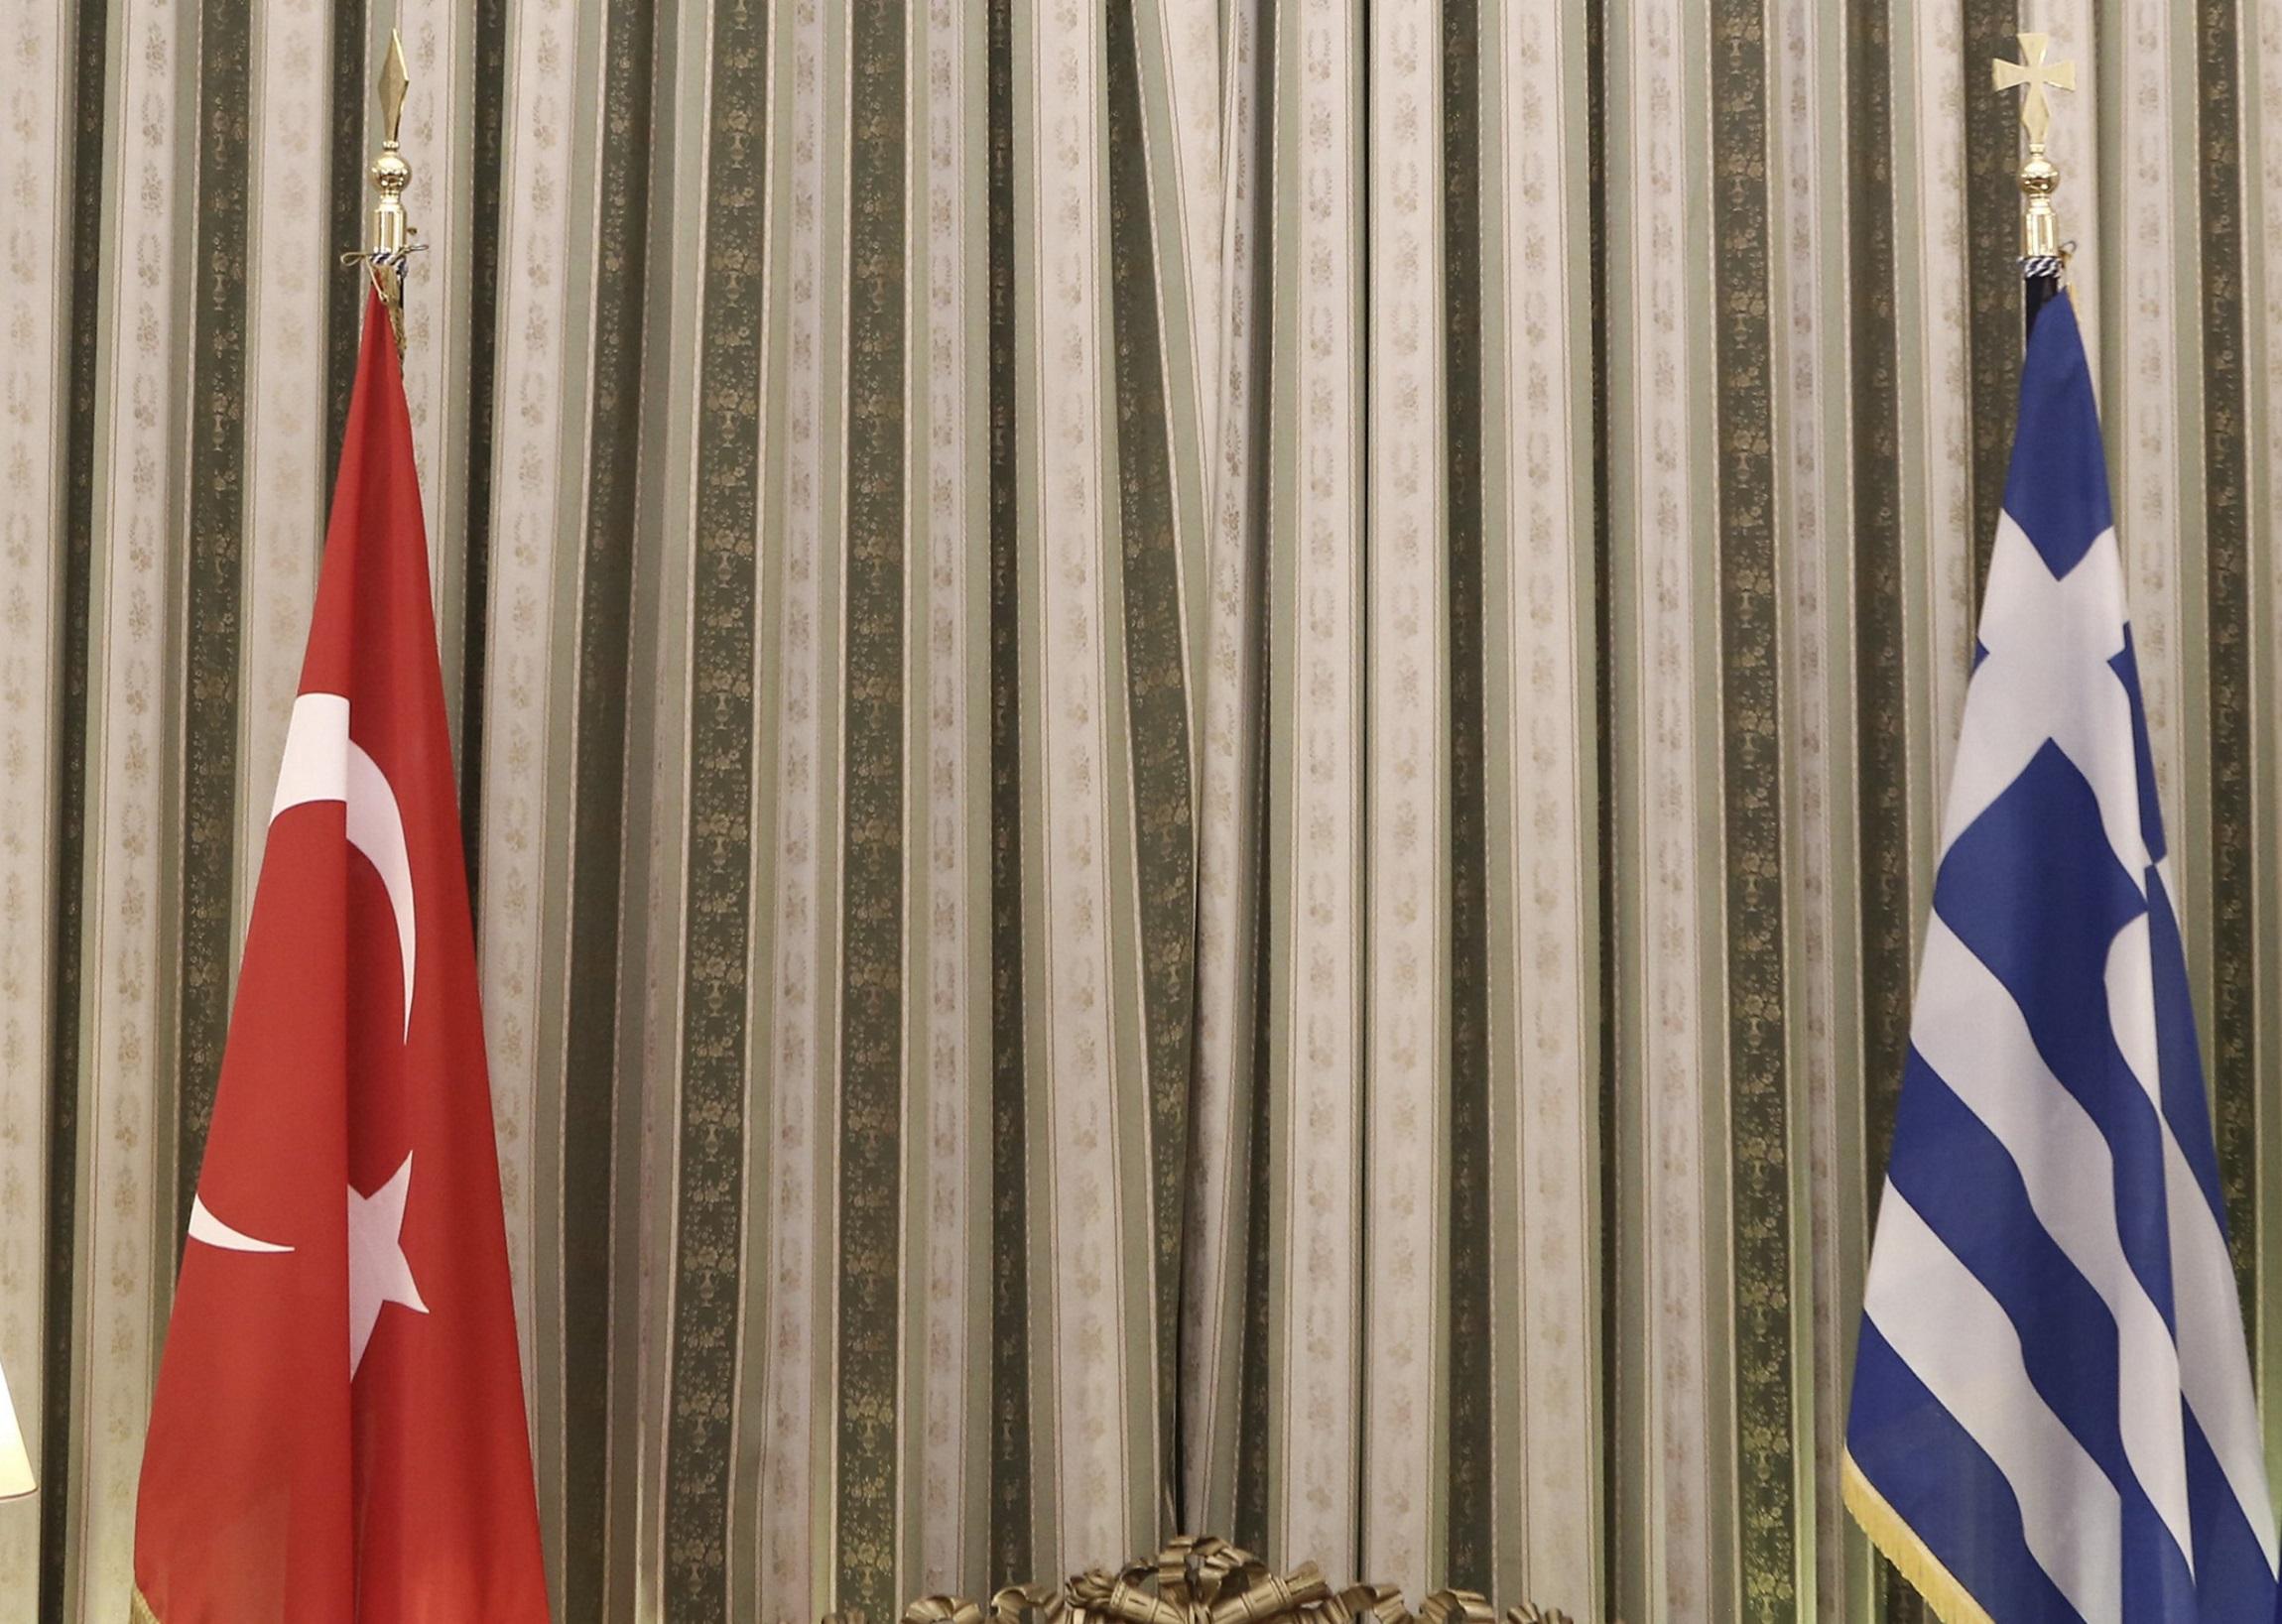 Πόντιος Πιλάτος ο ΟΗΕ στις προκλήσεις Ερντογάν! «Βρείτε τα» η ουδέτερη απάντησή του